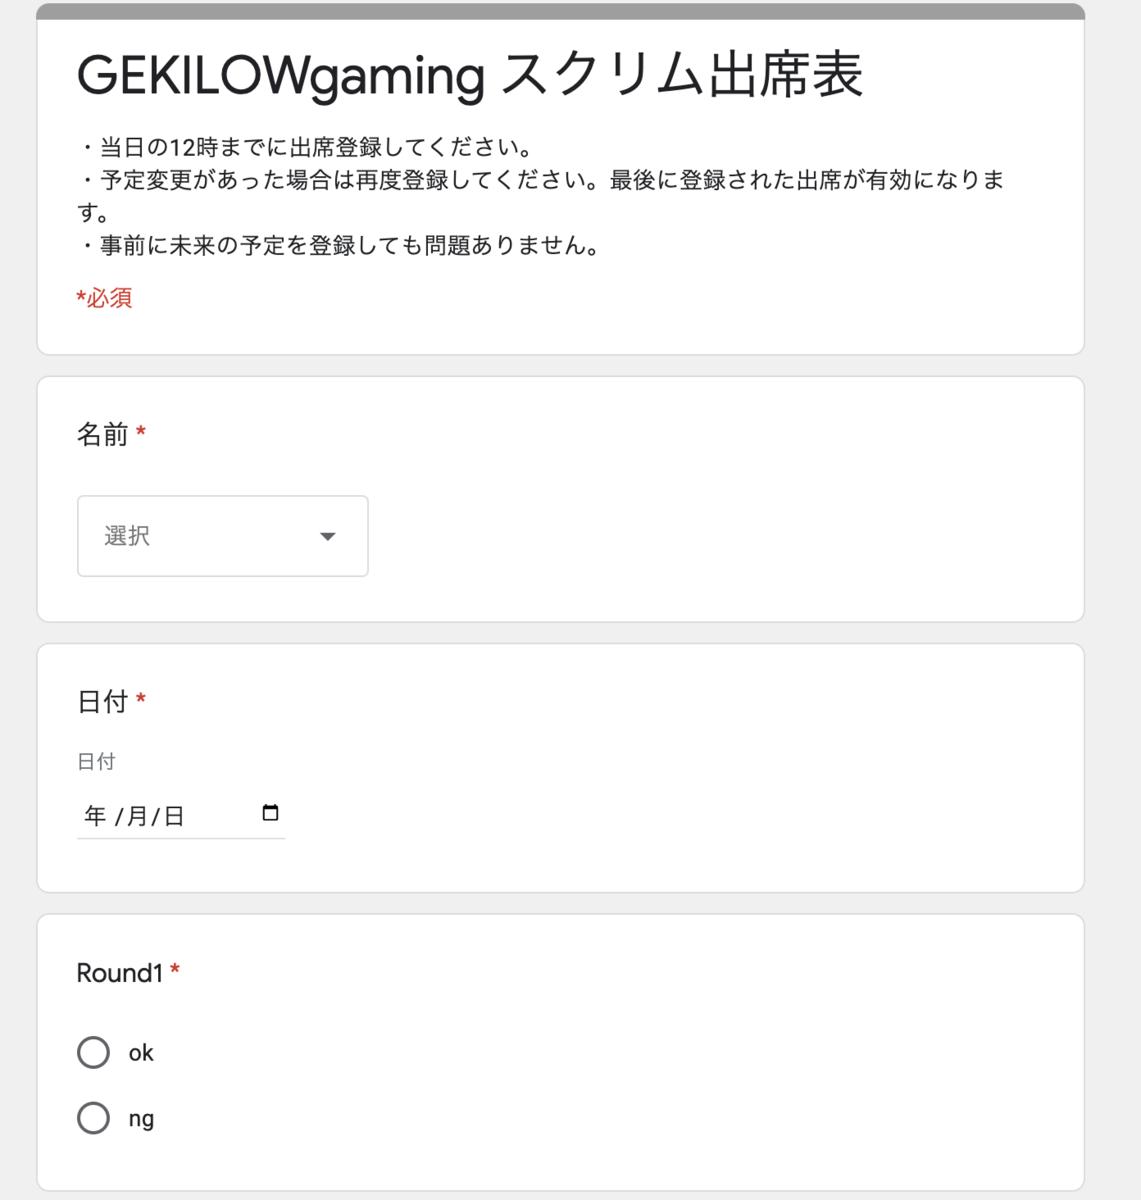 f:id:gekilowch:20200904135109p:plain